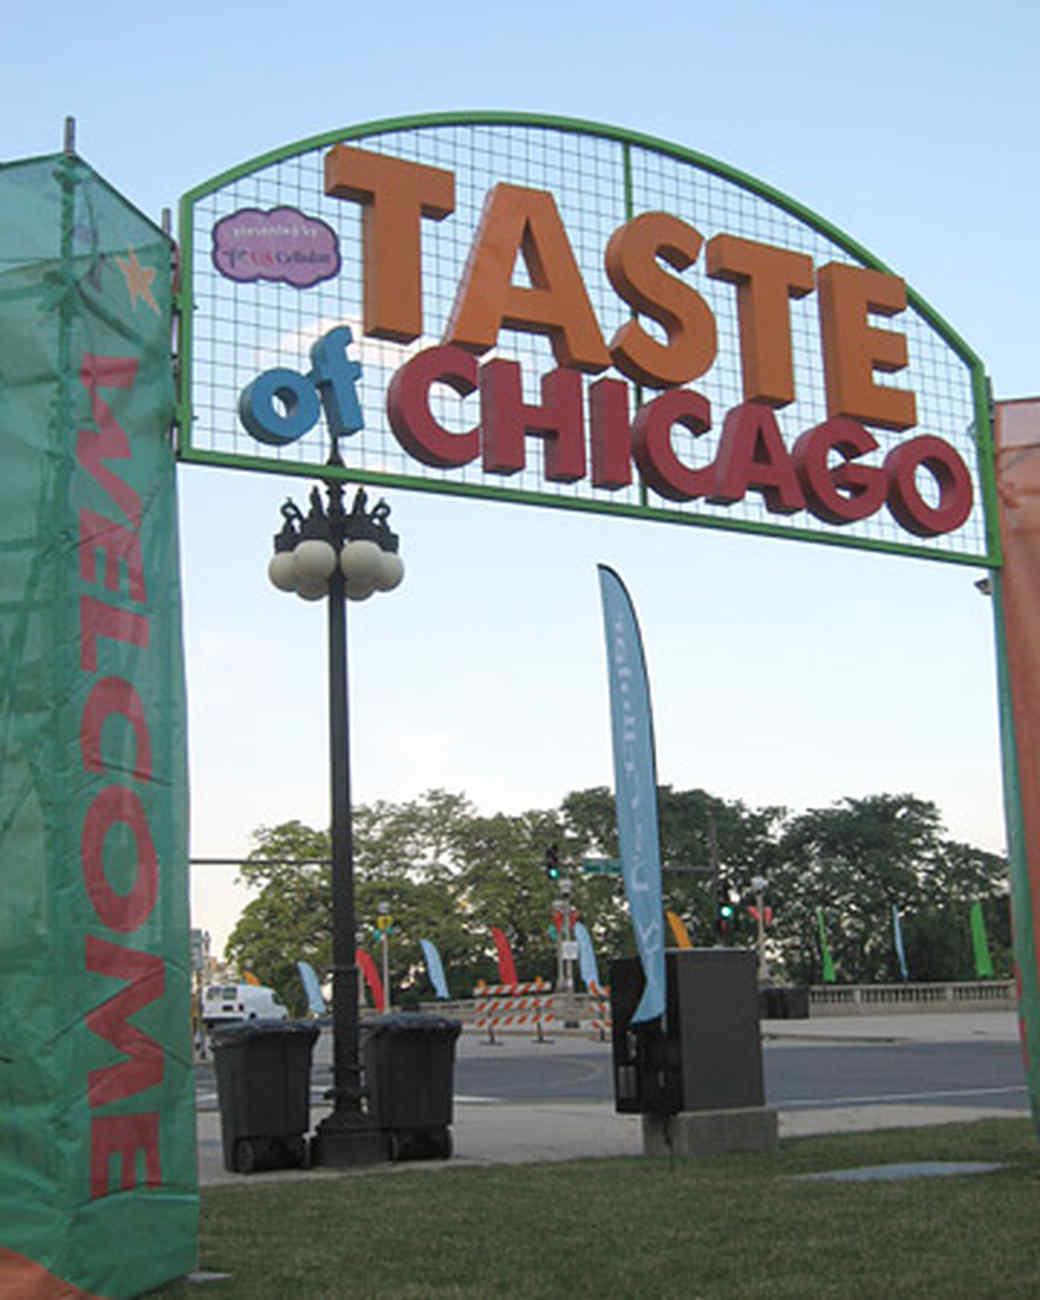 r_taste_taste_1.jpg